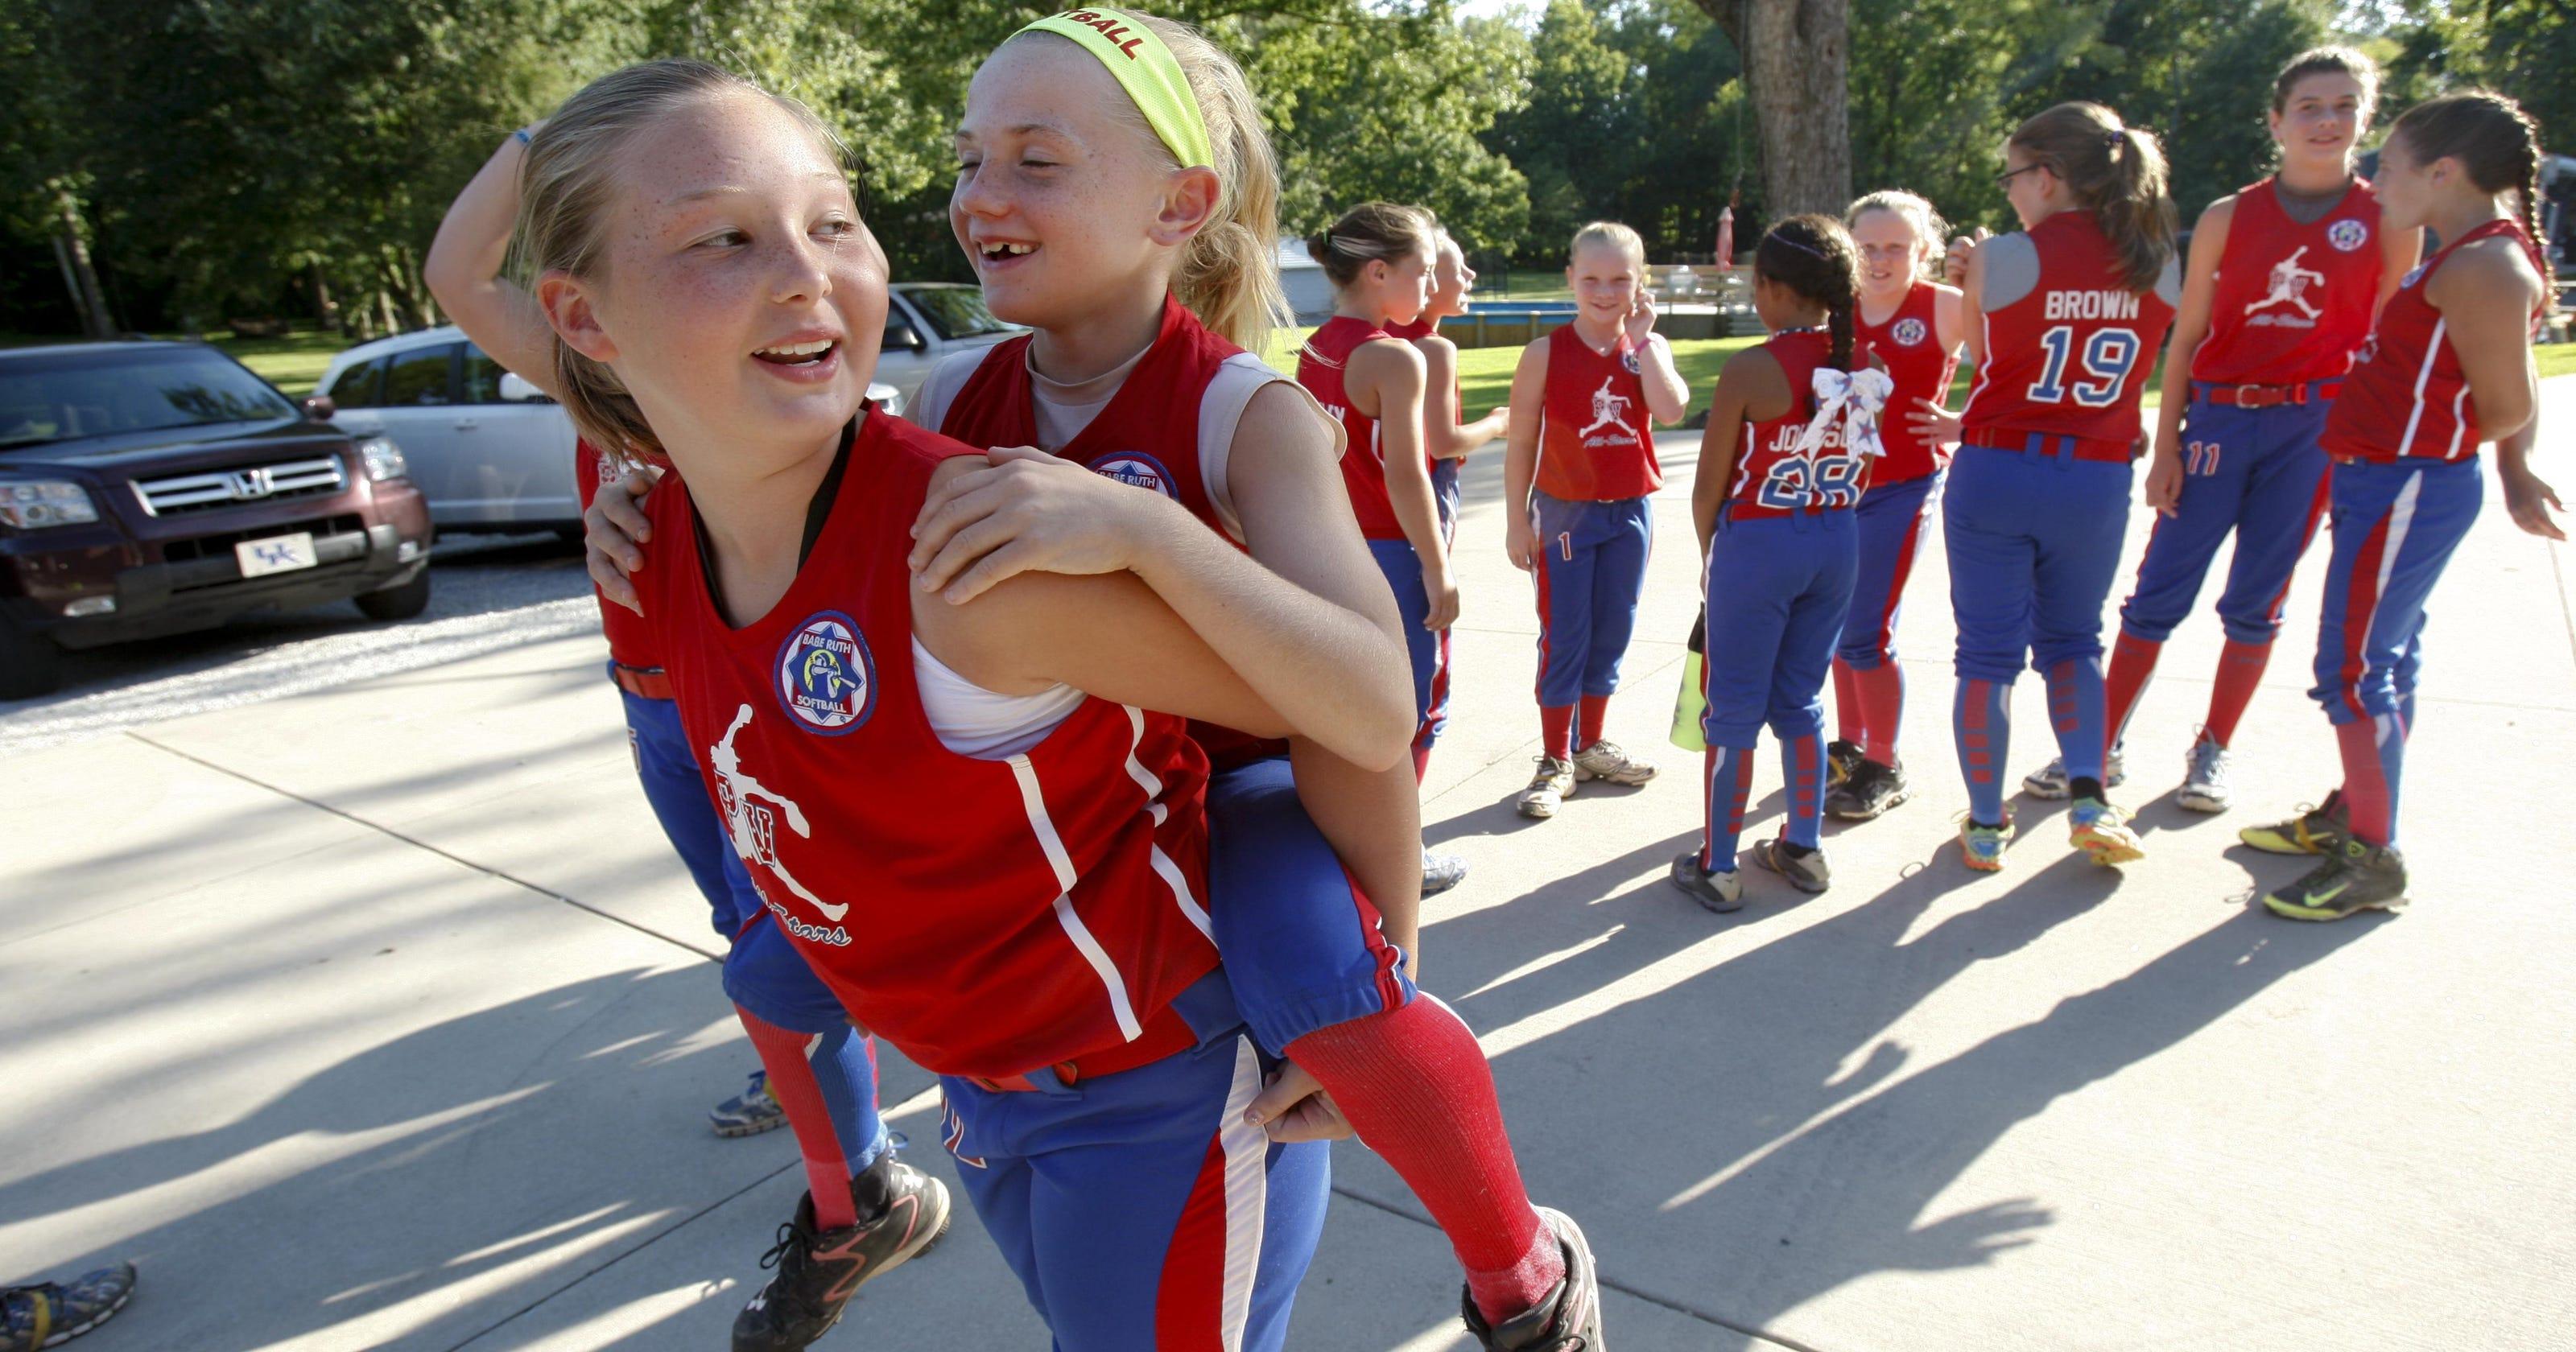 Prairie Village girls softball team aims to win Babe Ruth World Series